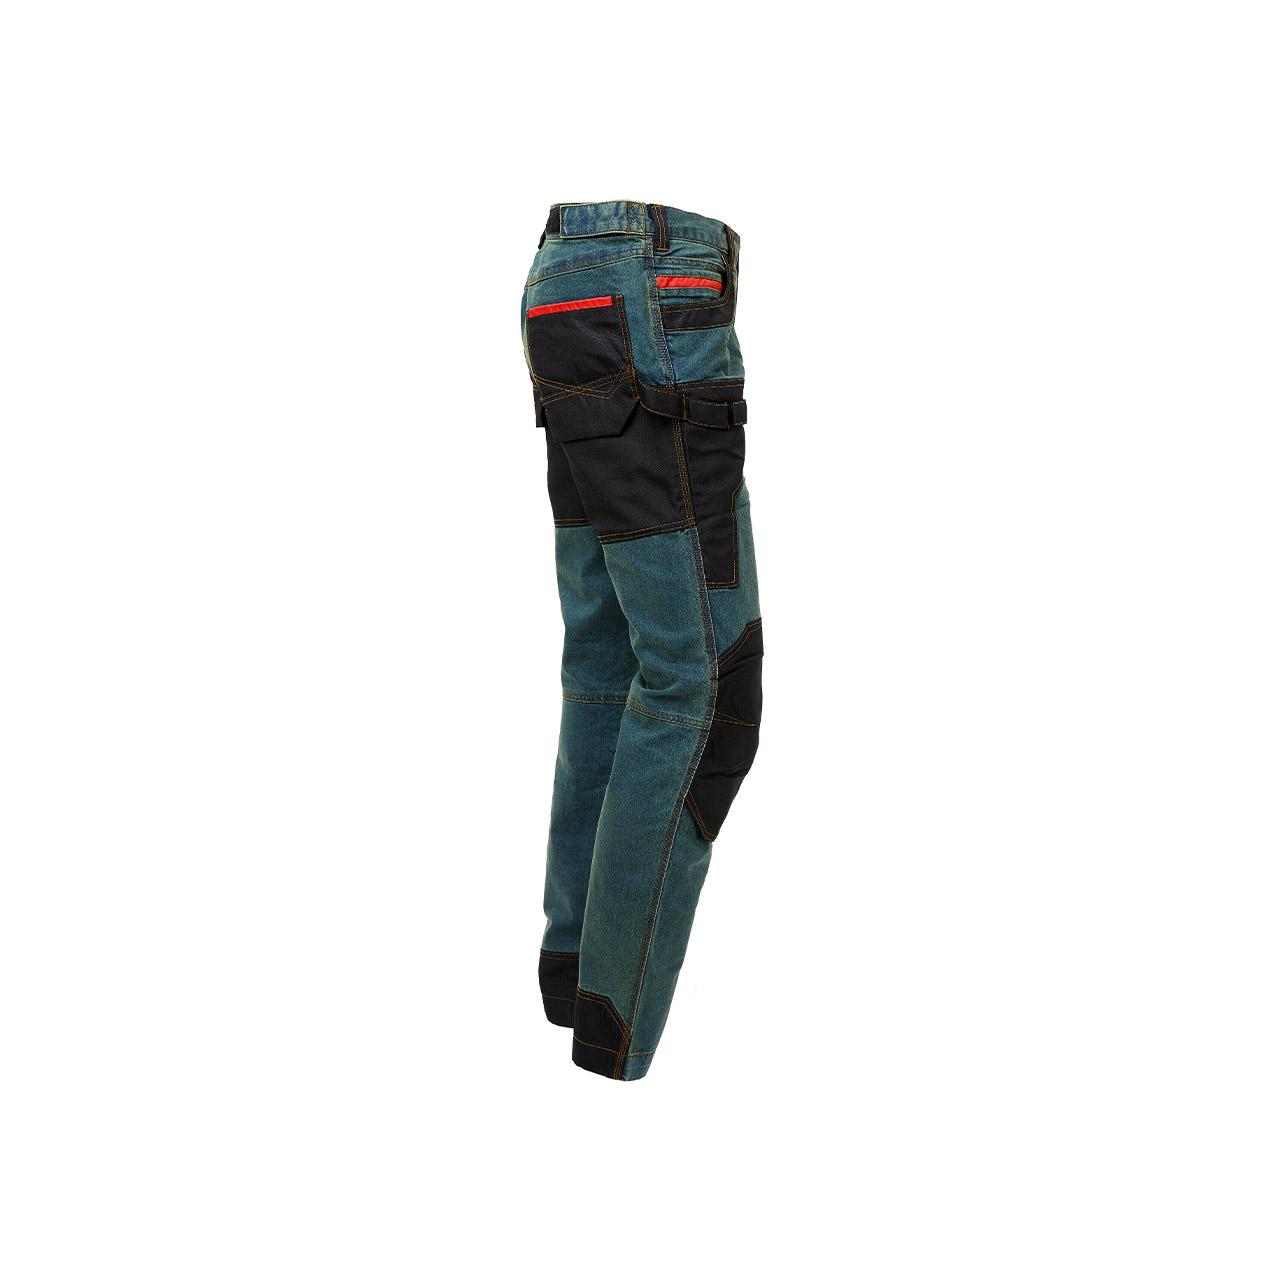 pantalone da lavoro upower modello platinum button colore rust jeans